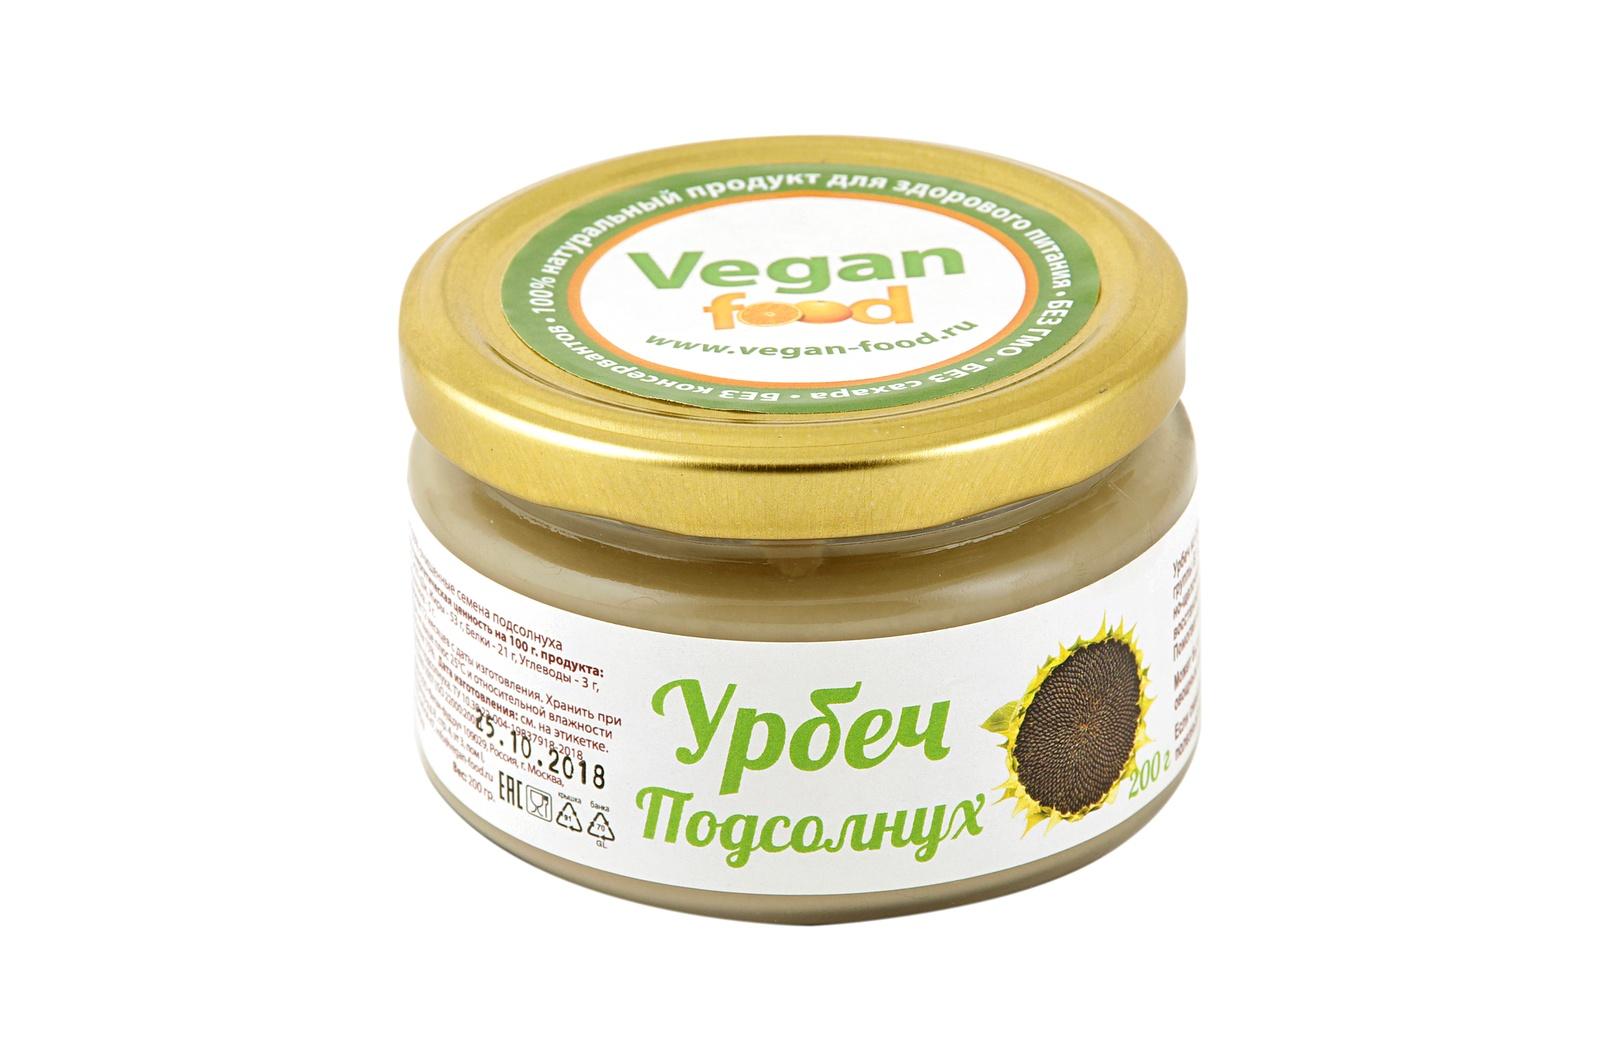 Урбеч Vegan food из семян подсолнуха, 200 г good foodсемечкиподсолнечникажареные 150г